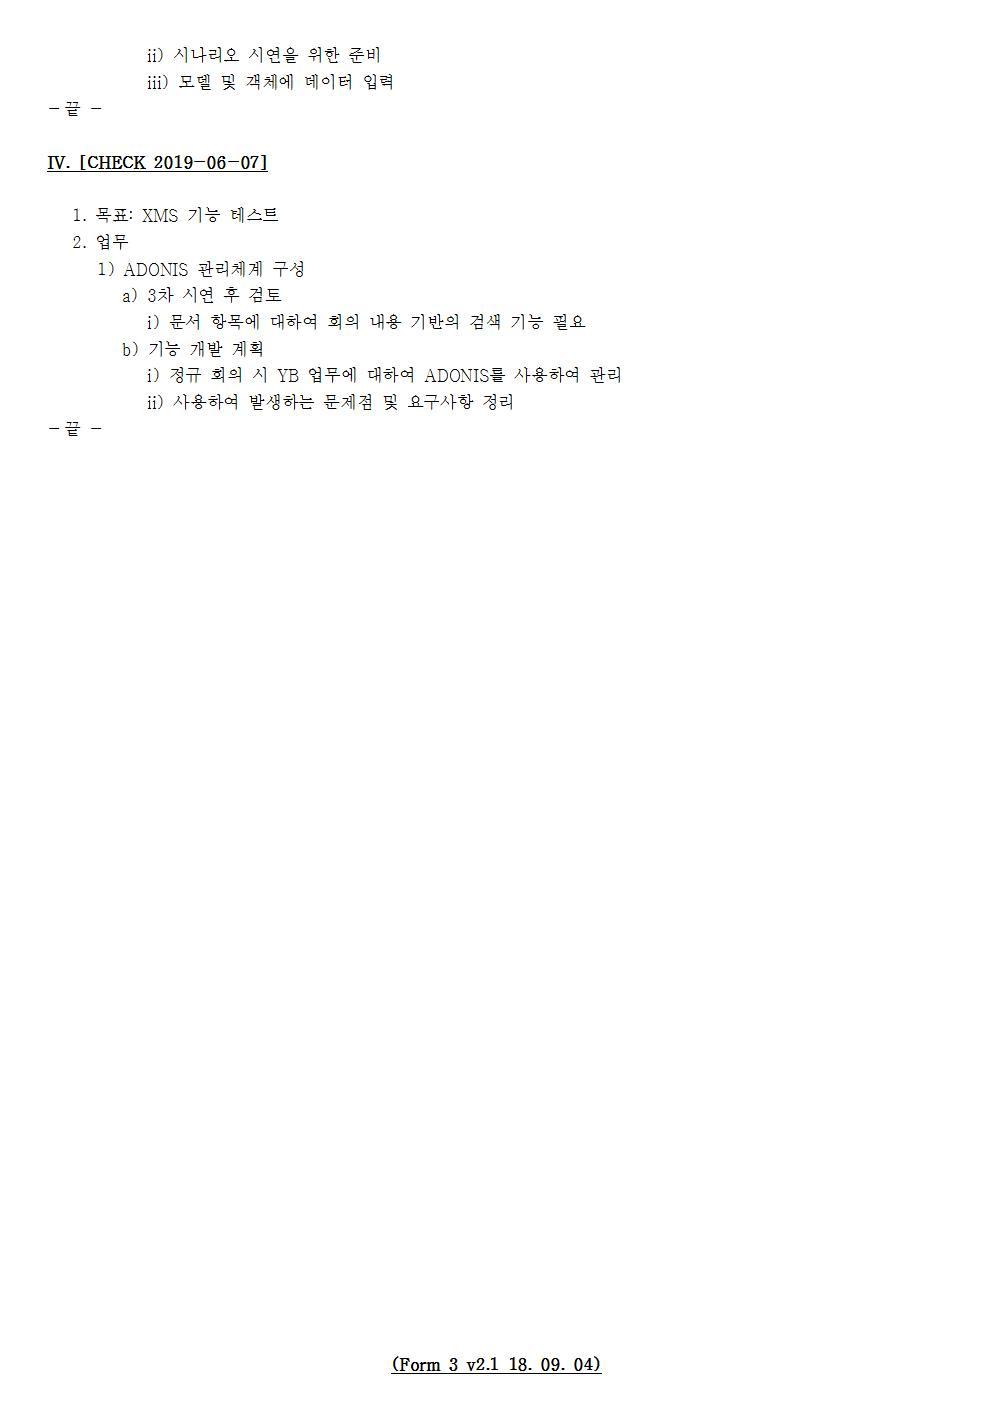 D-[19-027-RC-05]-[XMS]-[2019-06-07][YB]-[19-6-1]-[P+D+C]002.jpg